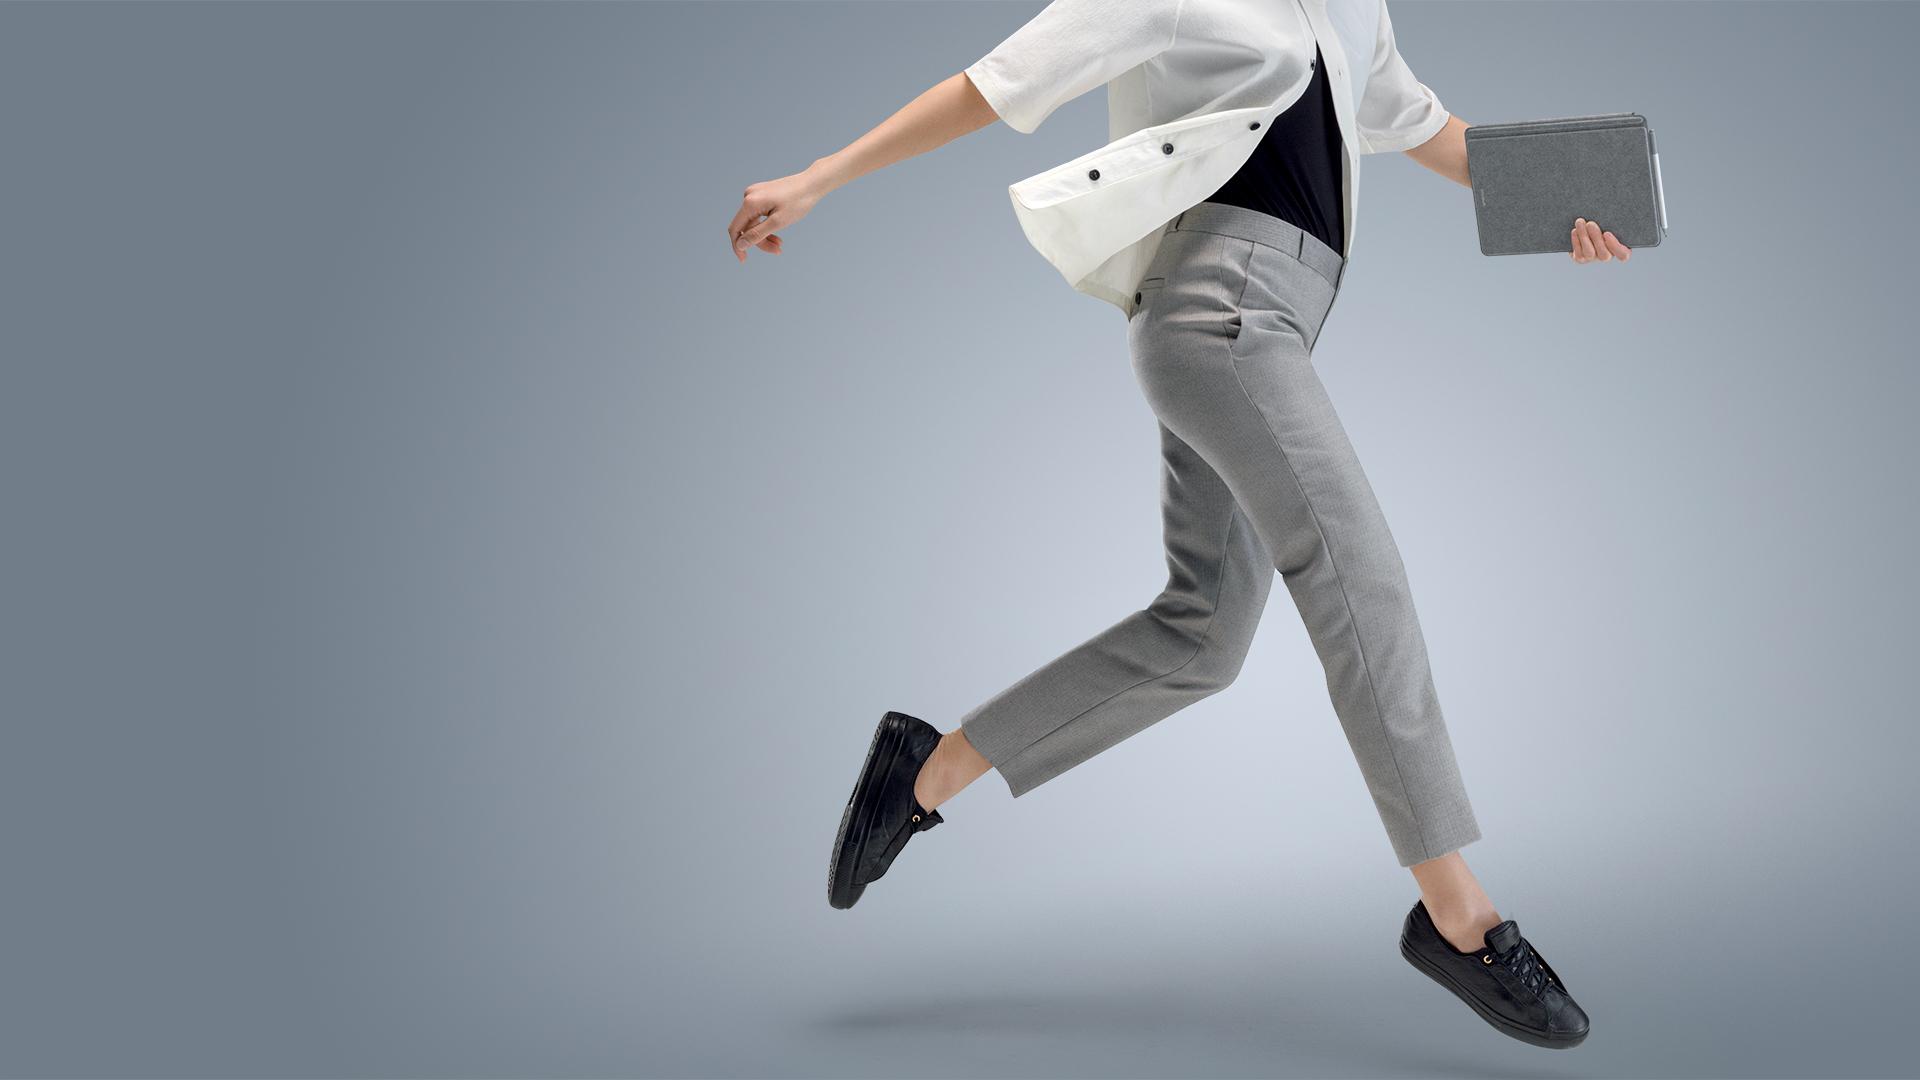 En kvinna hoppar när hon bär en Surface Go i surfplatteläge i ena handen